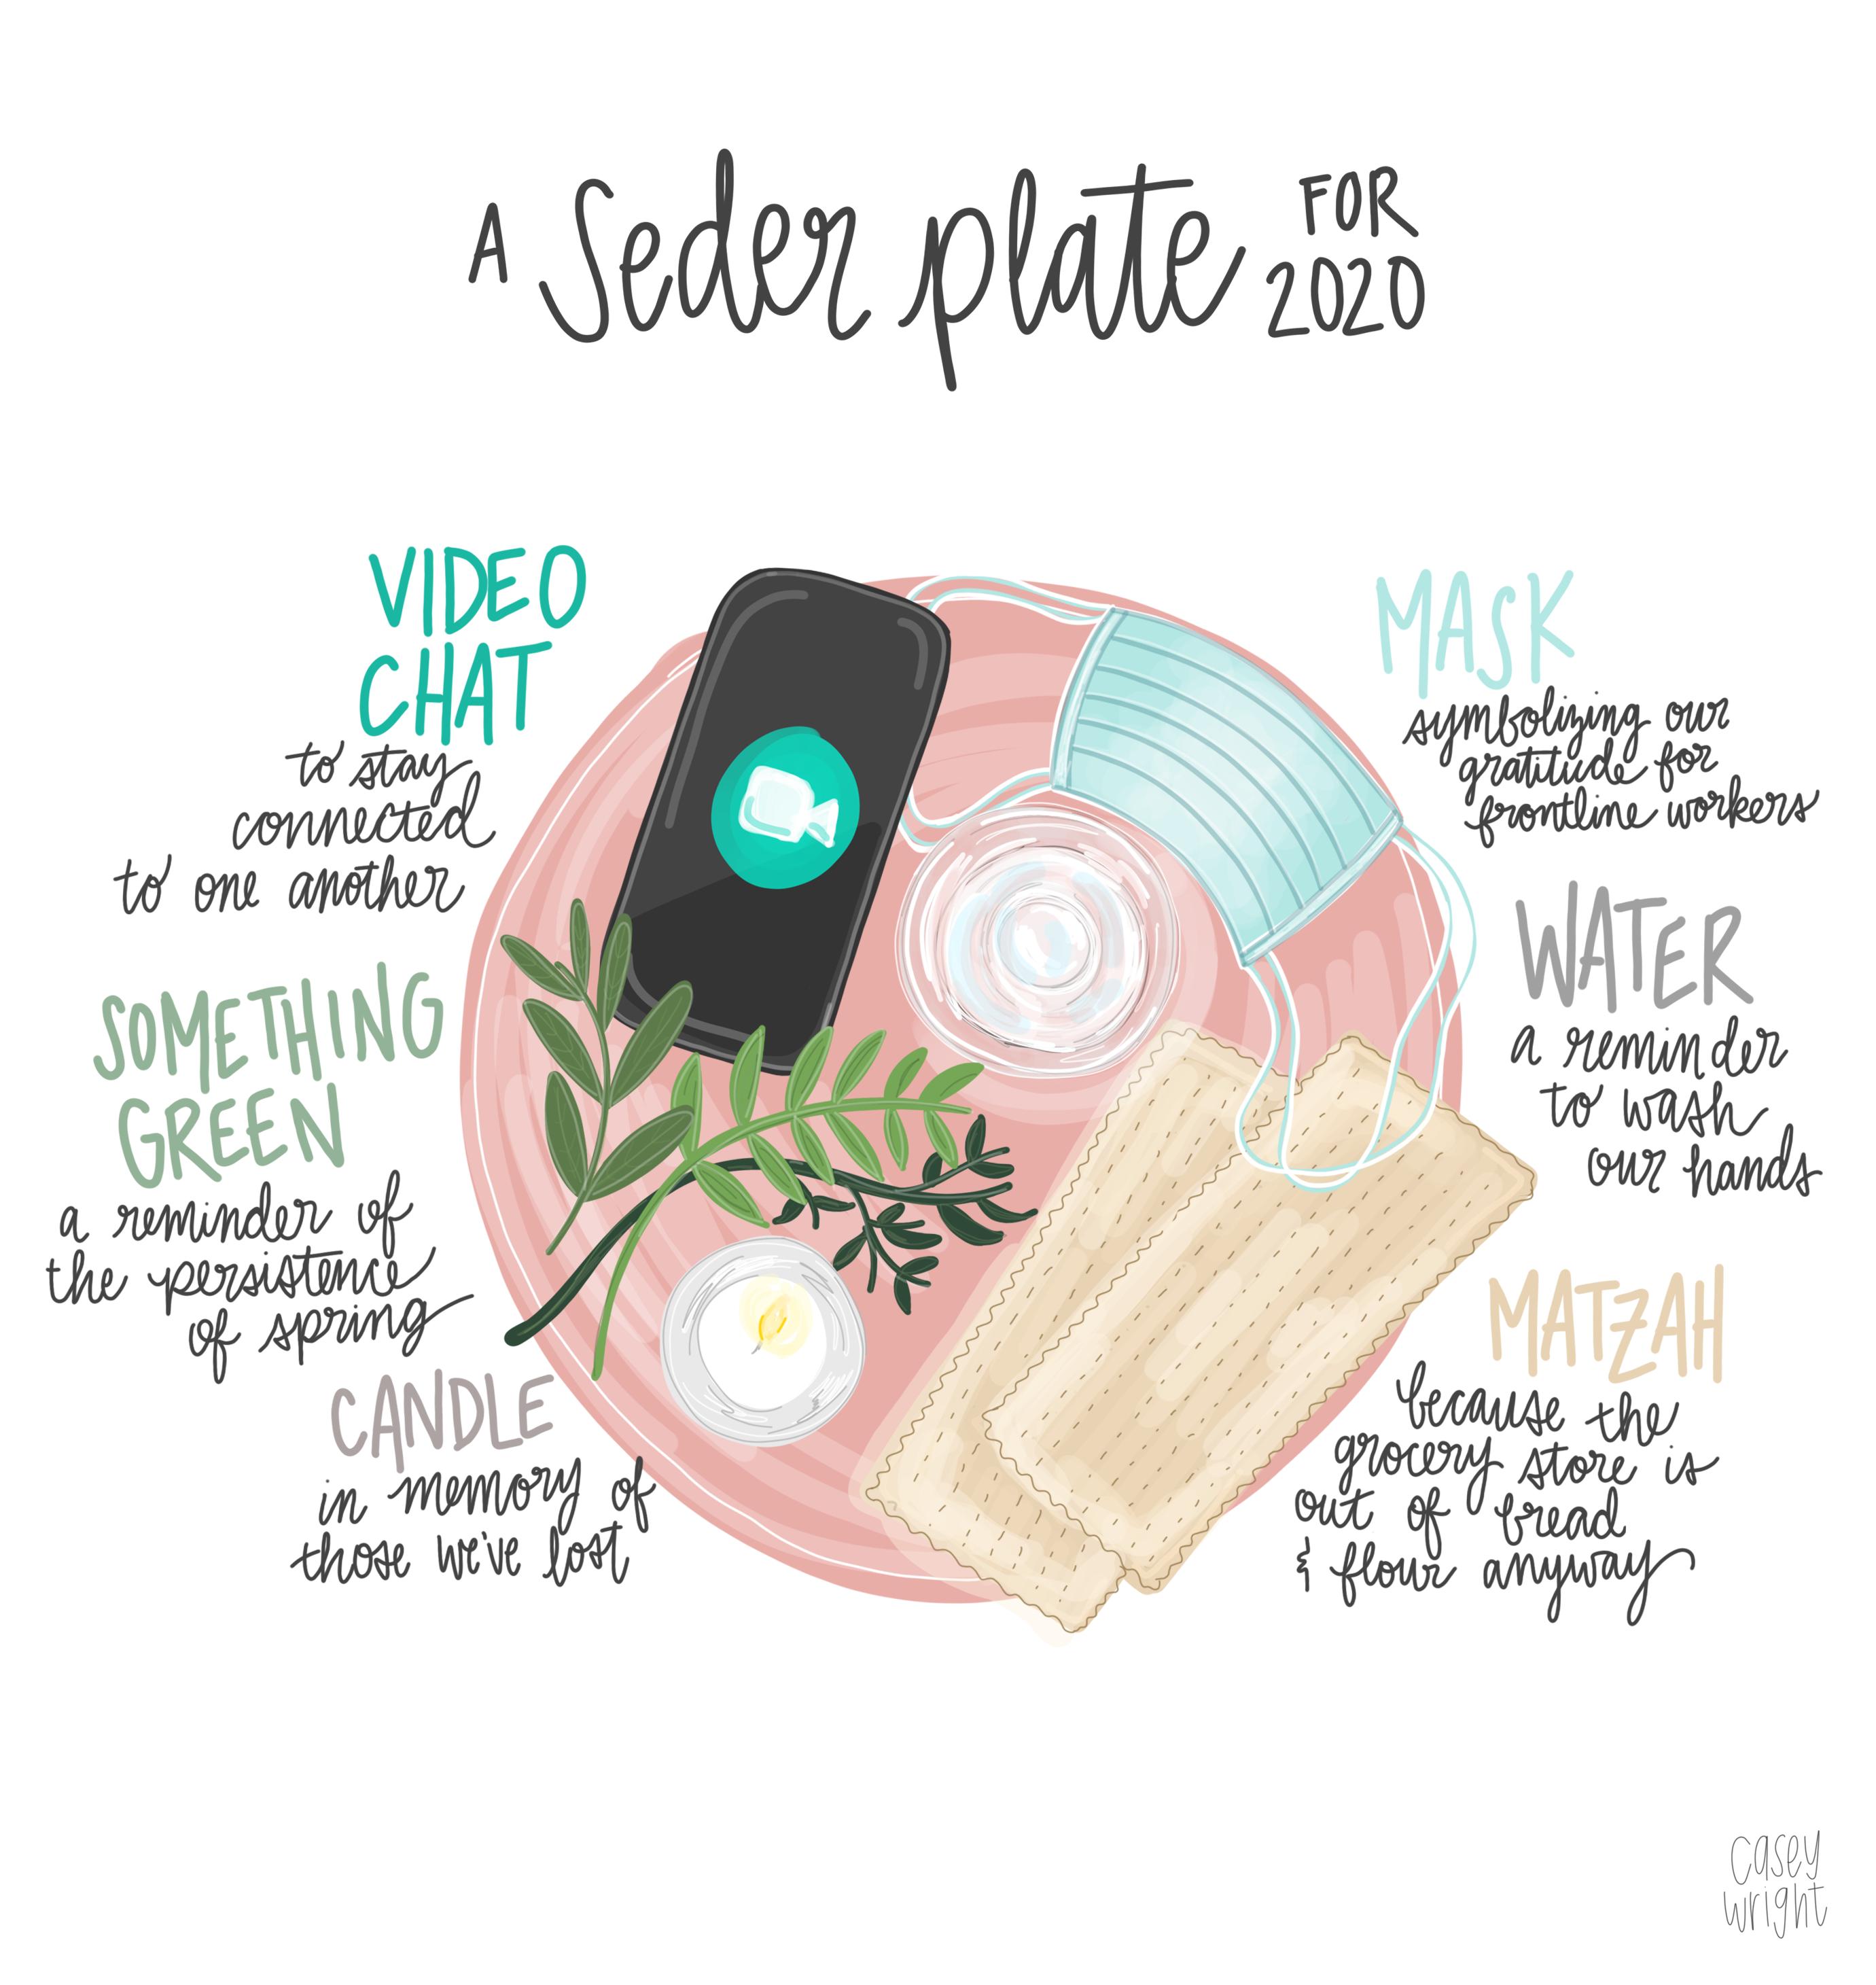 2020 Seder Plate